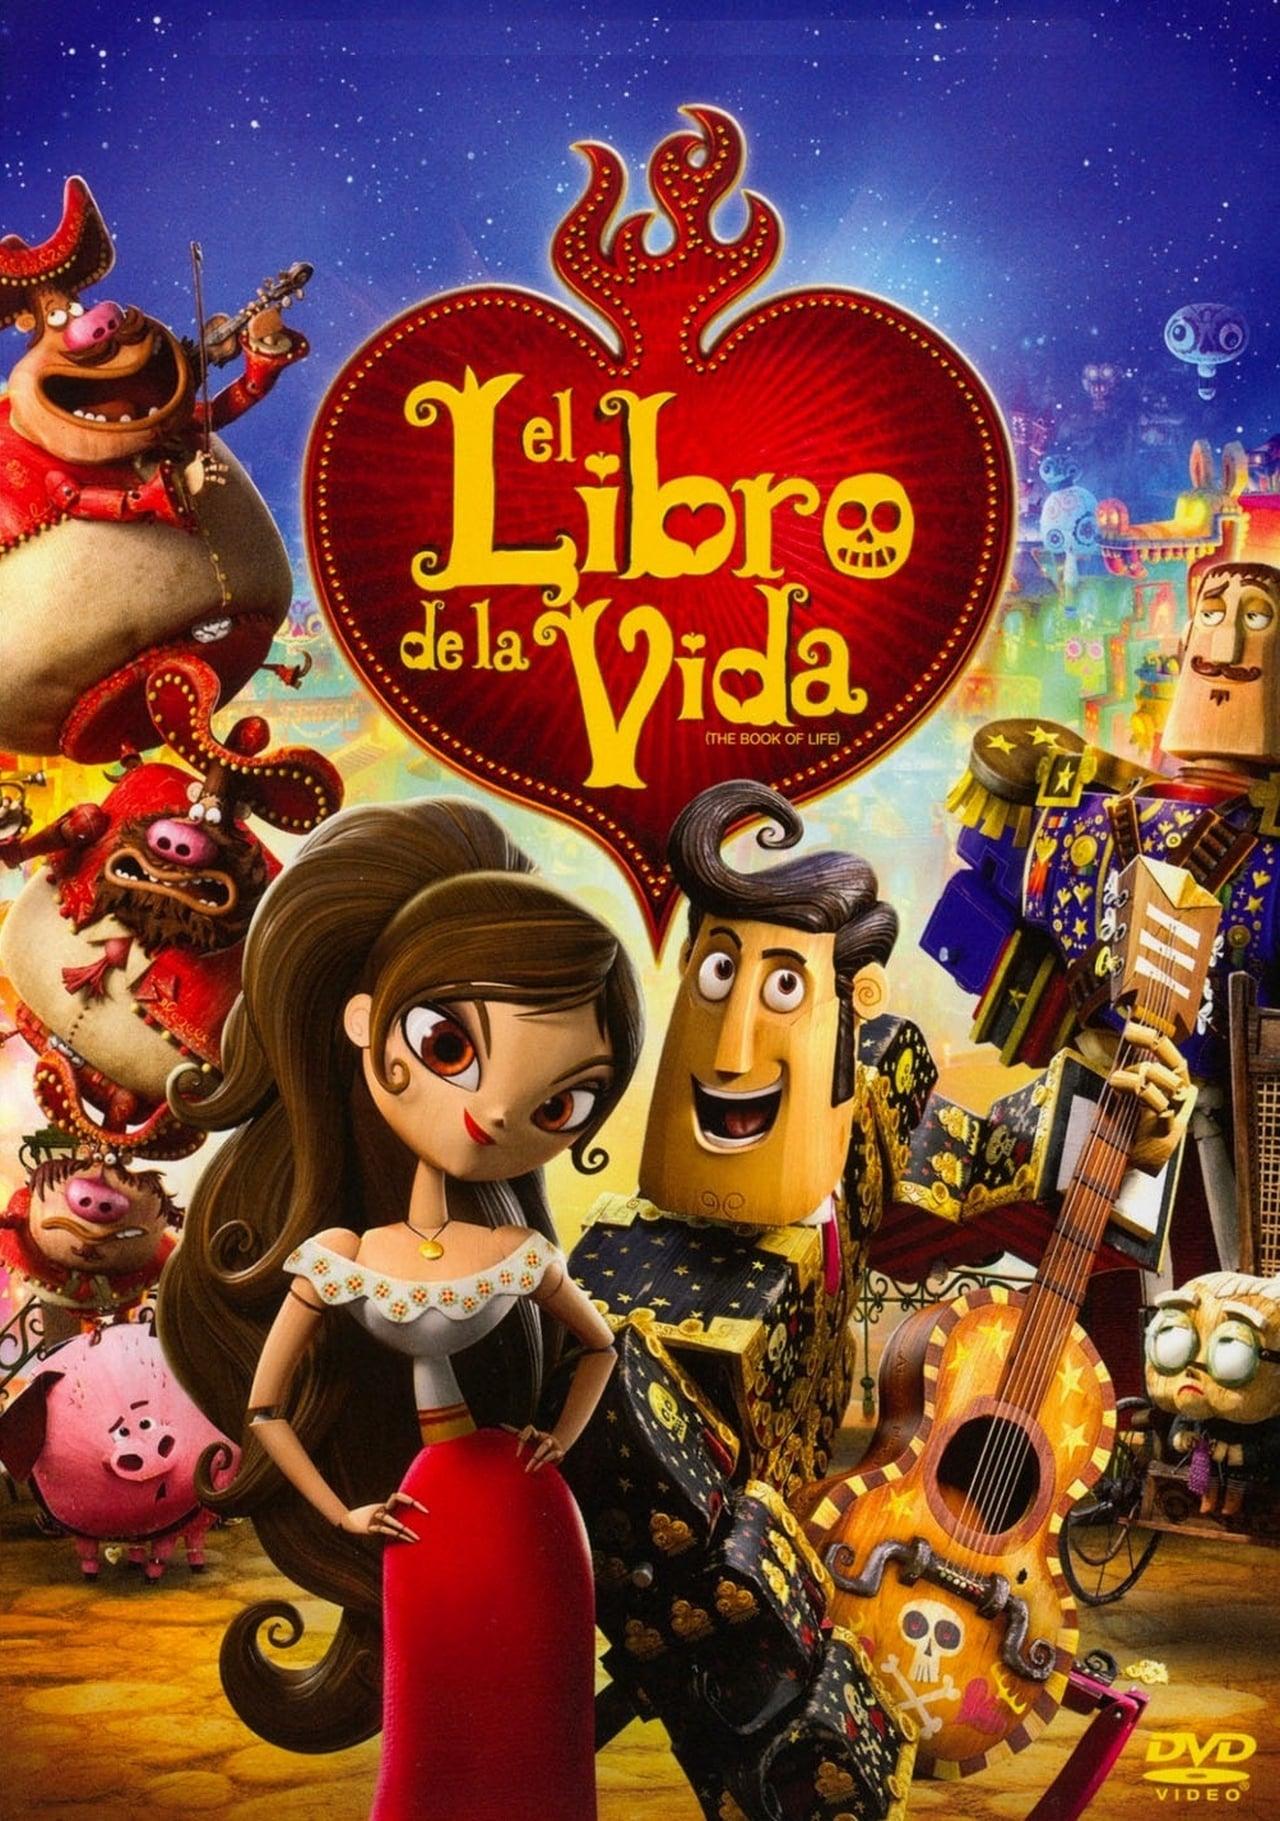 Ver El libro de la vida (2014) Online Latino HD - Pelisplus